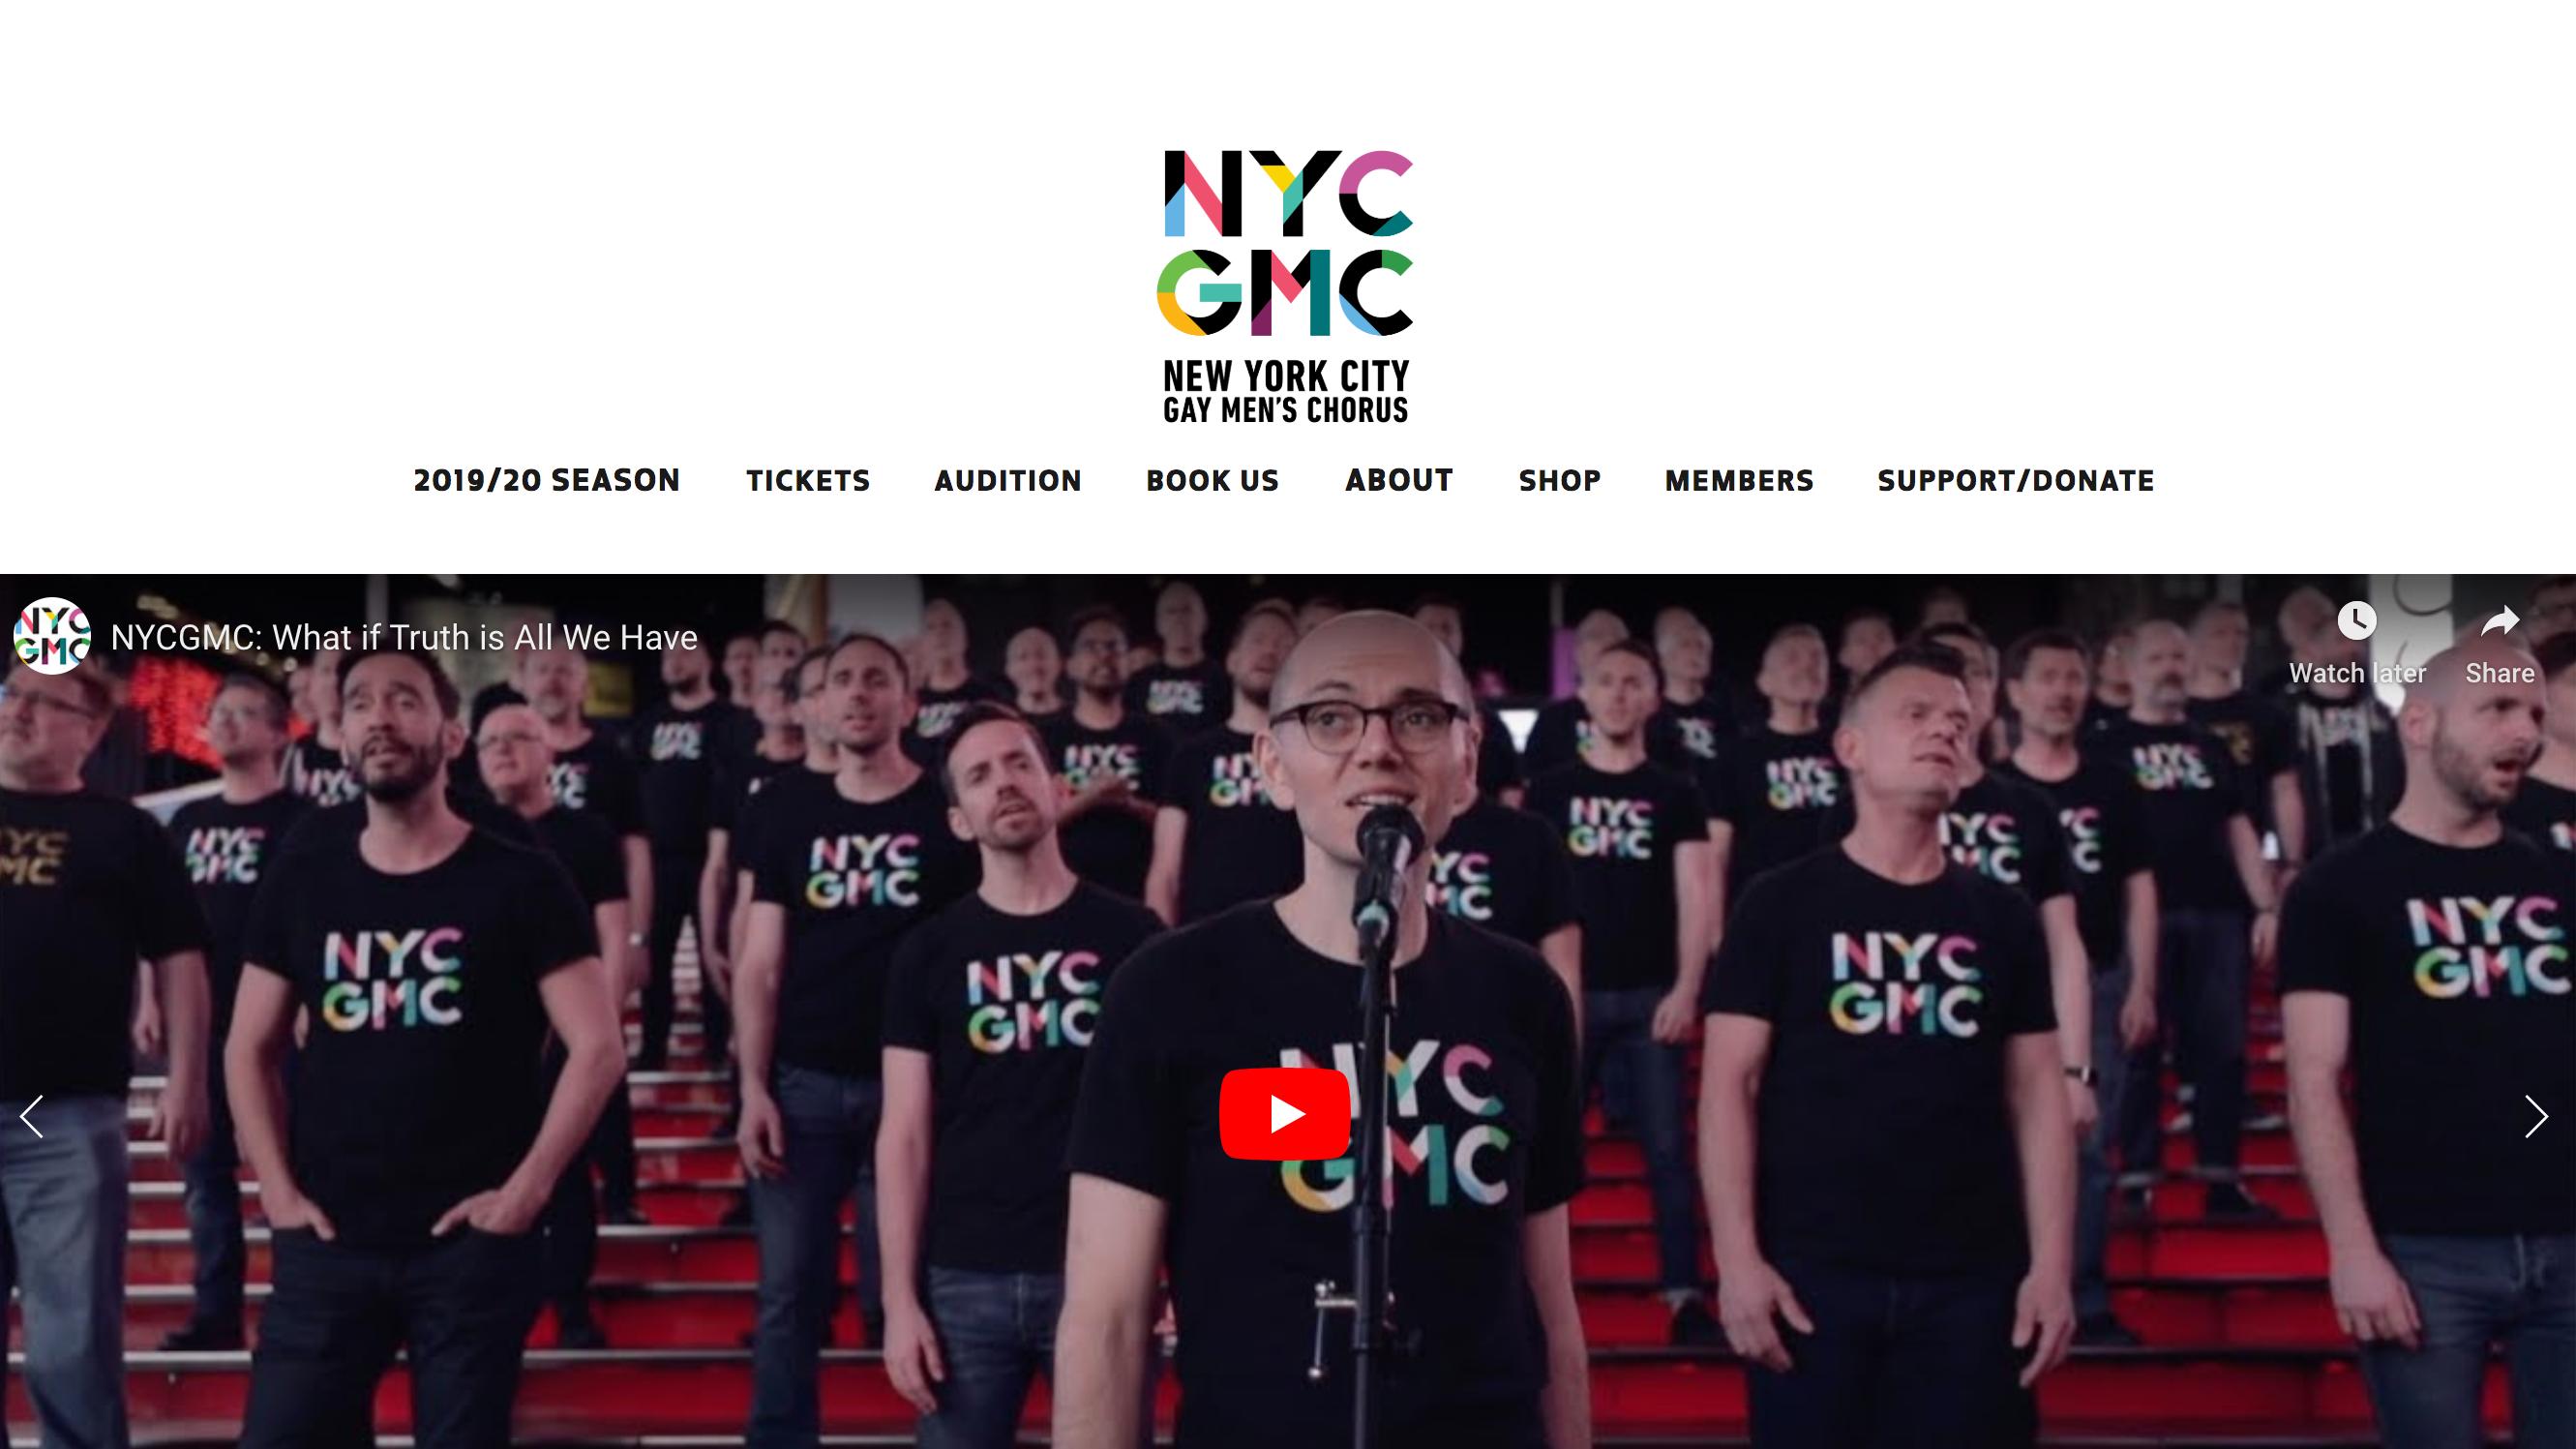 NYCGMC